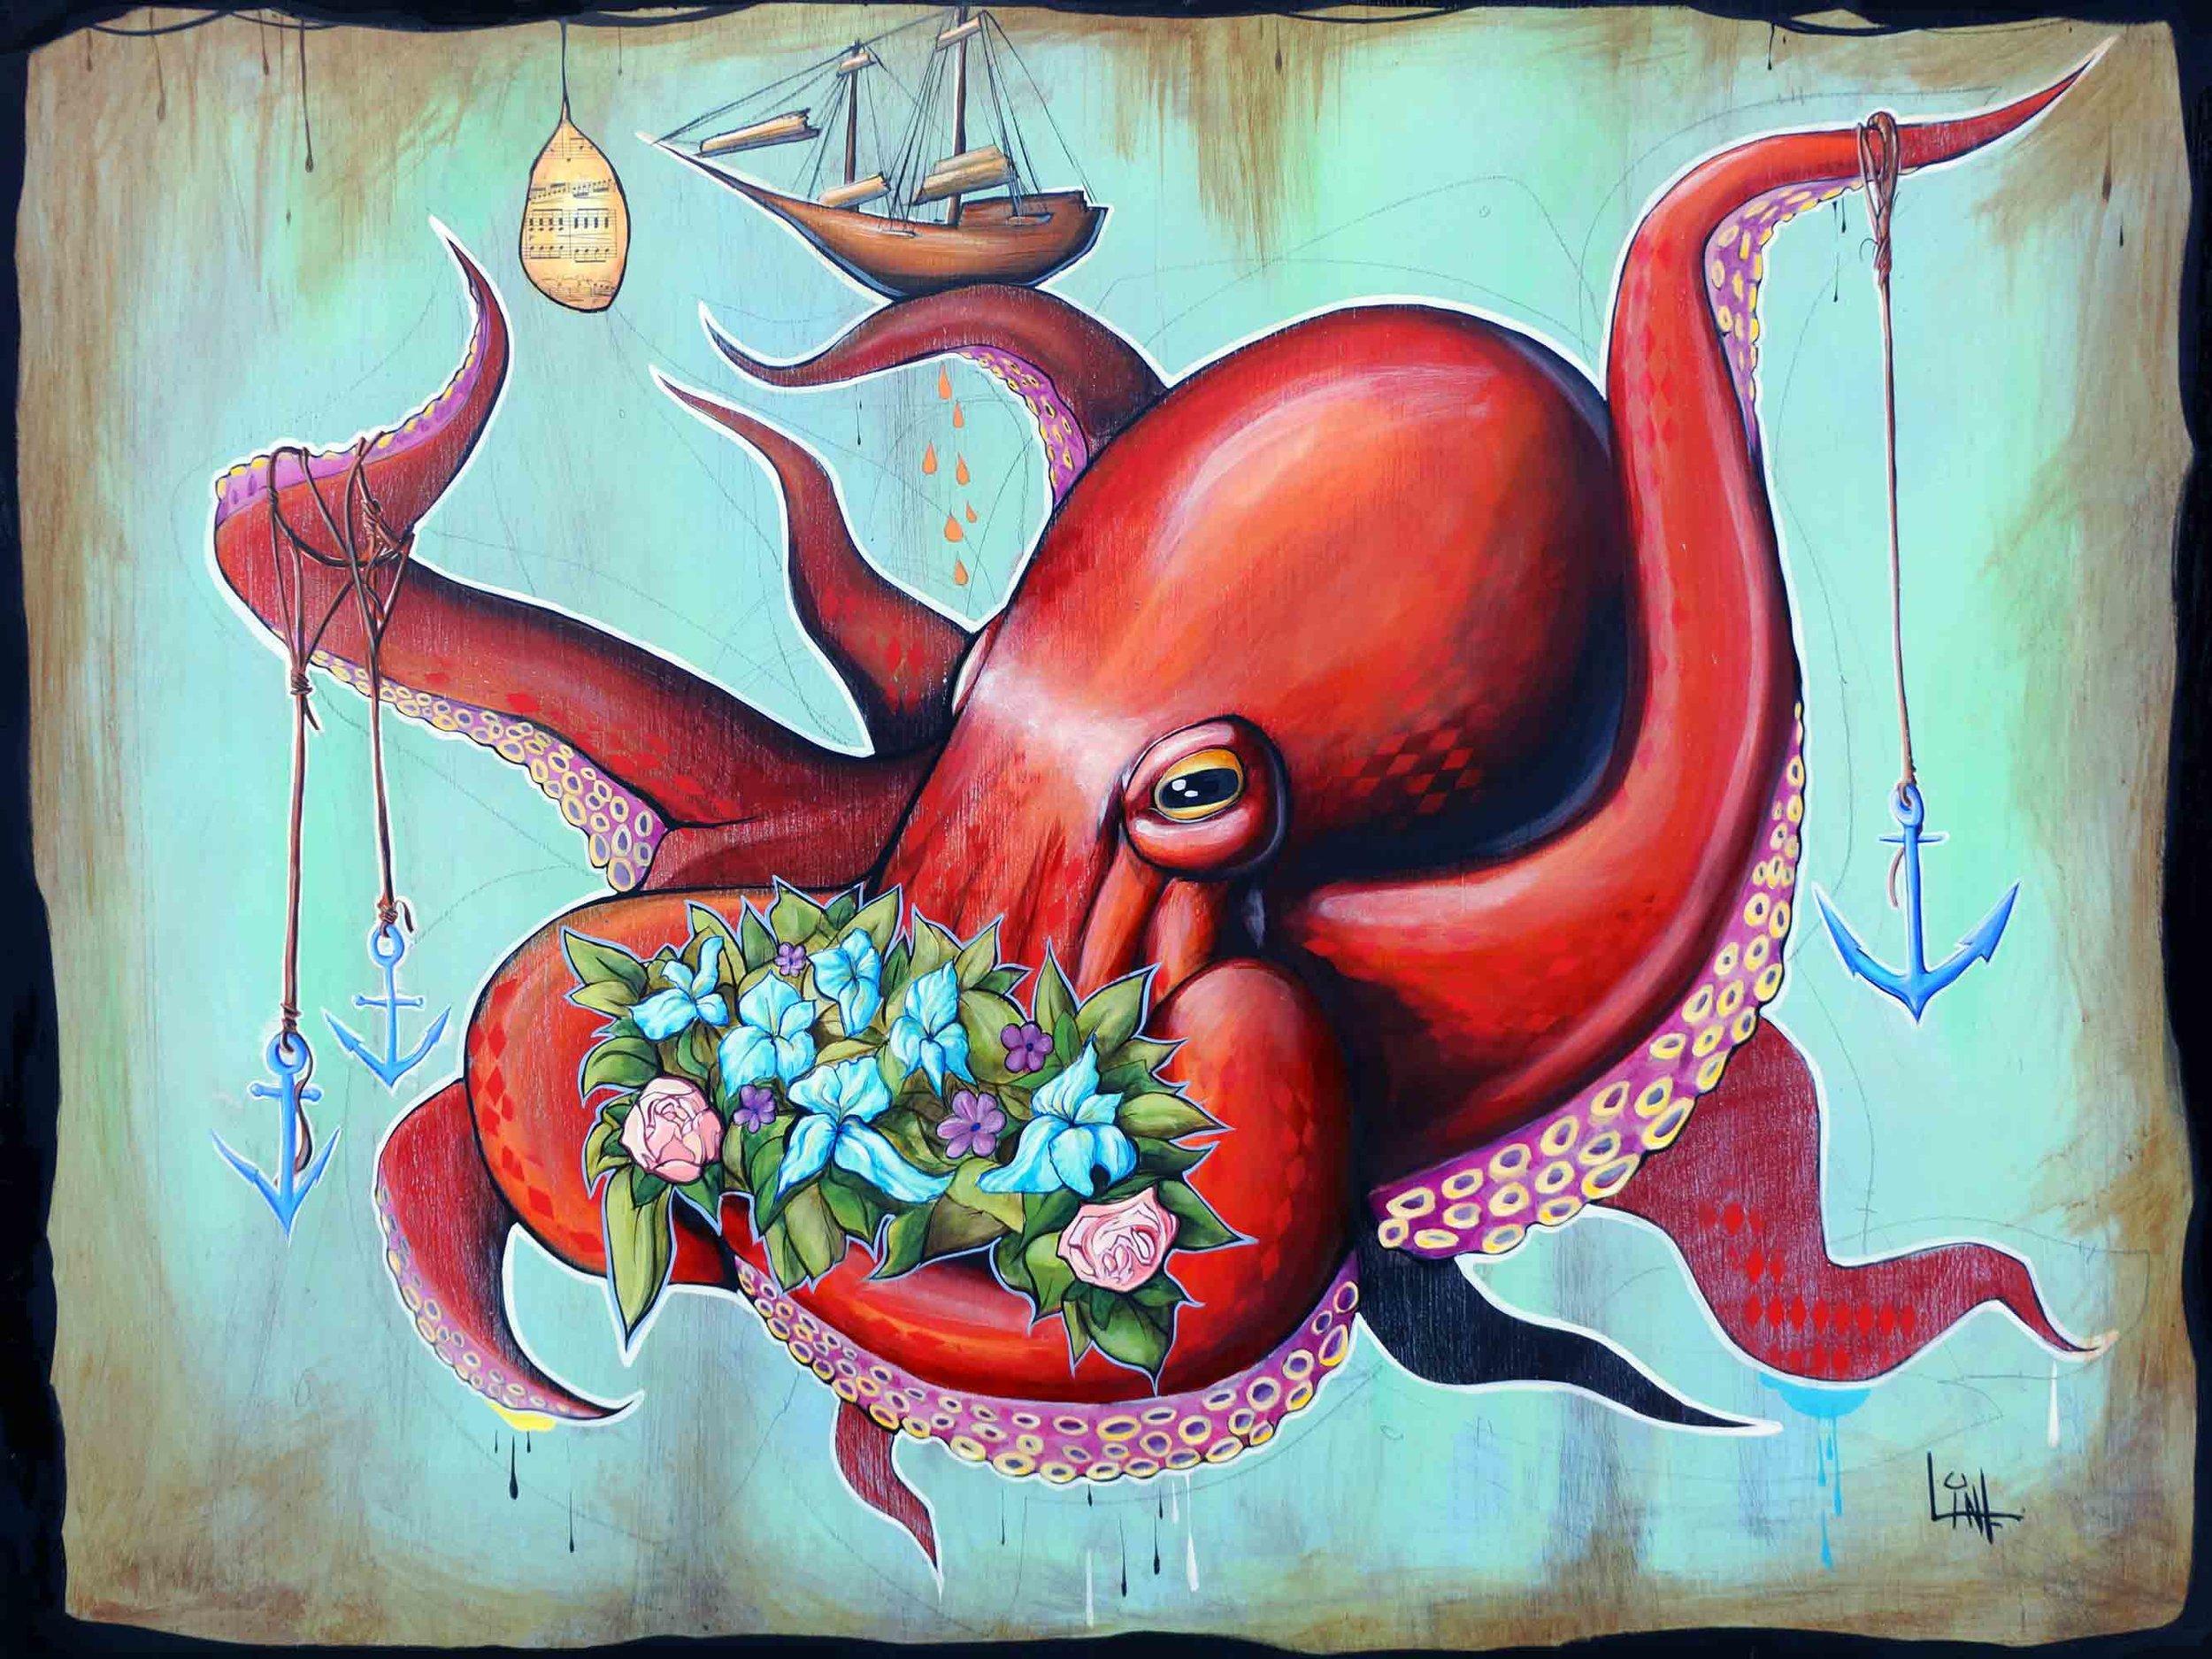 Jlink_Octopus.jpg